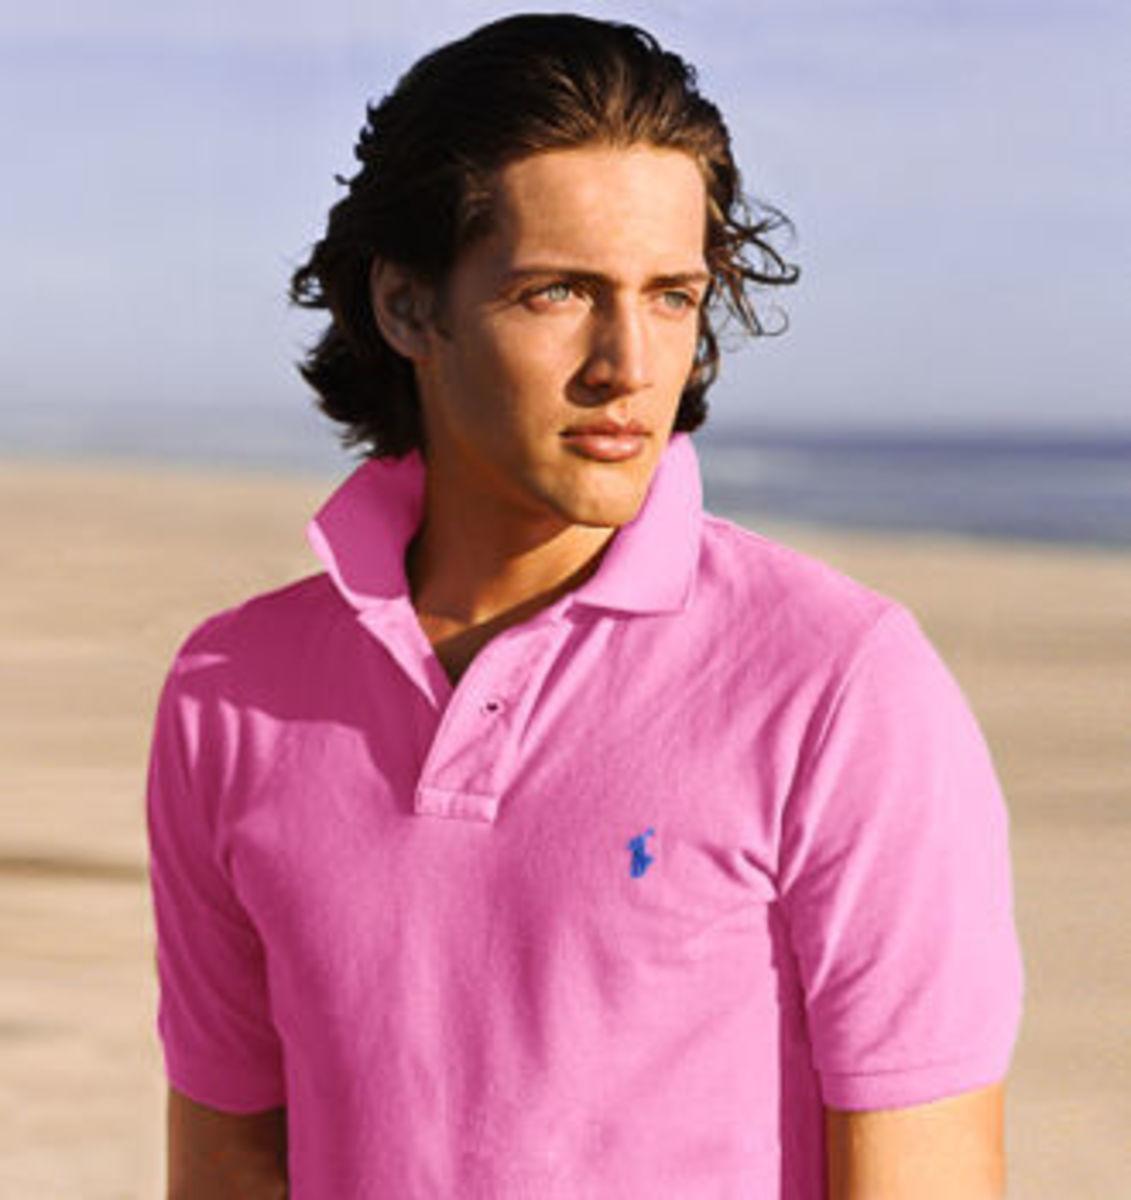 A pretty boy in pink.